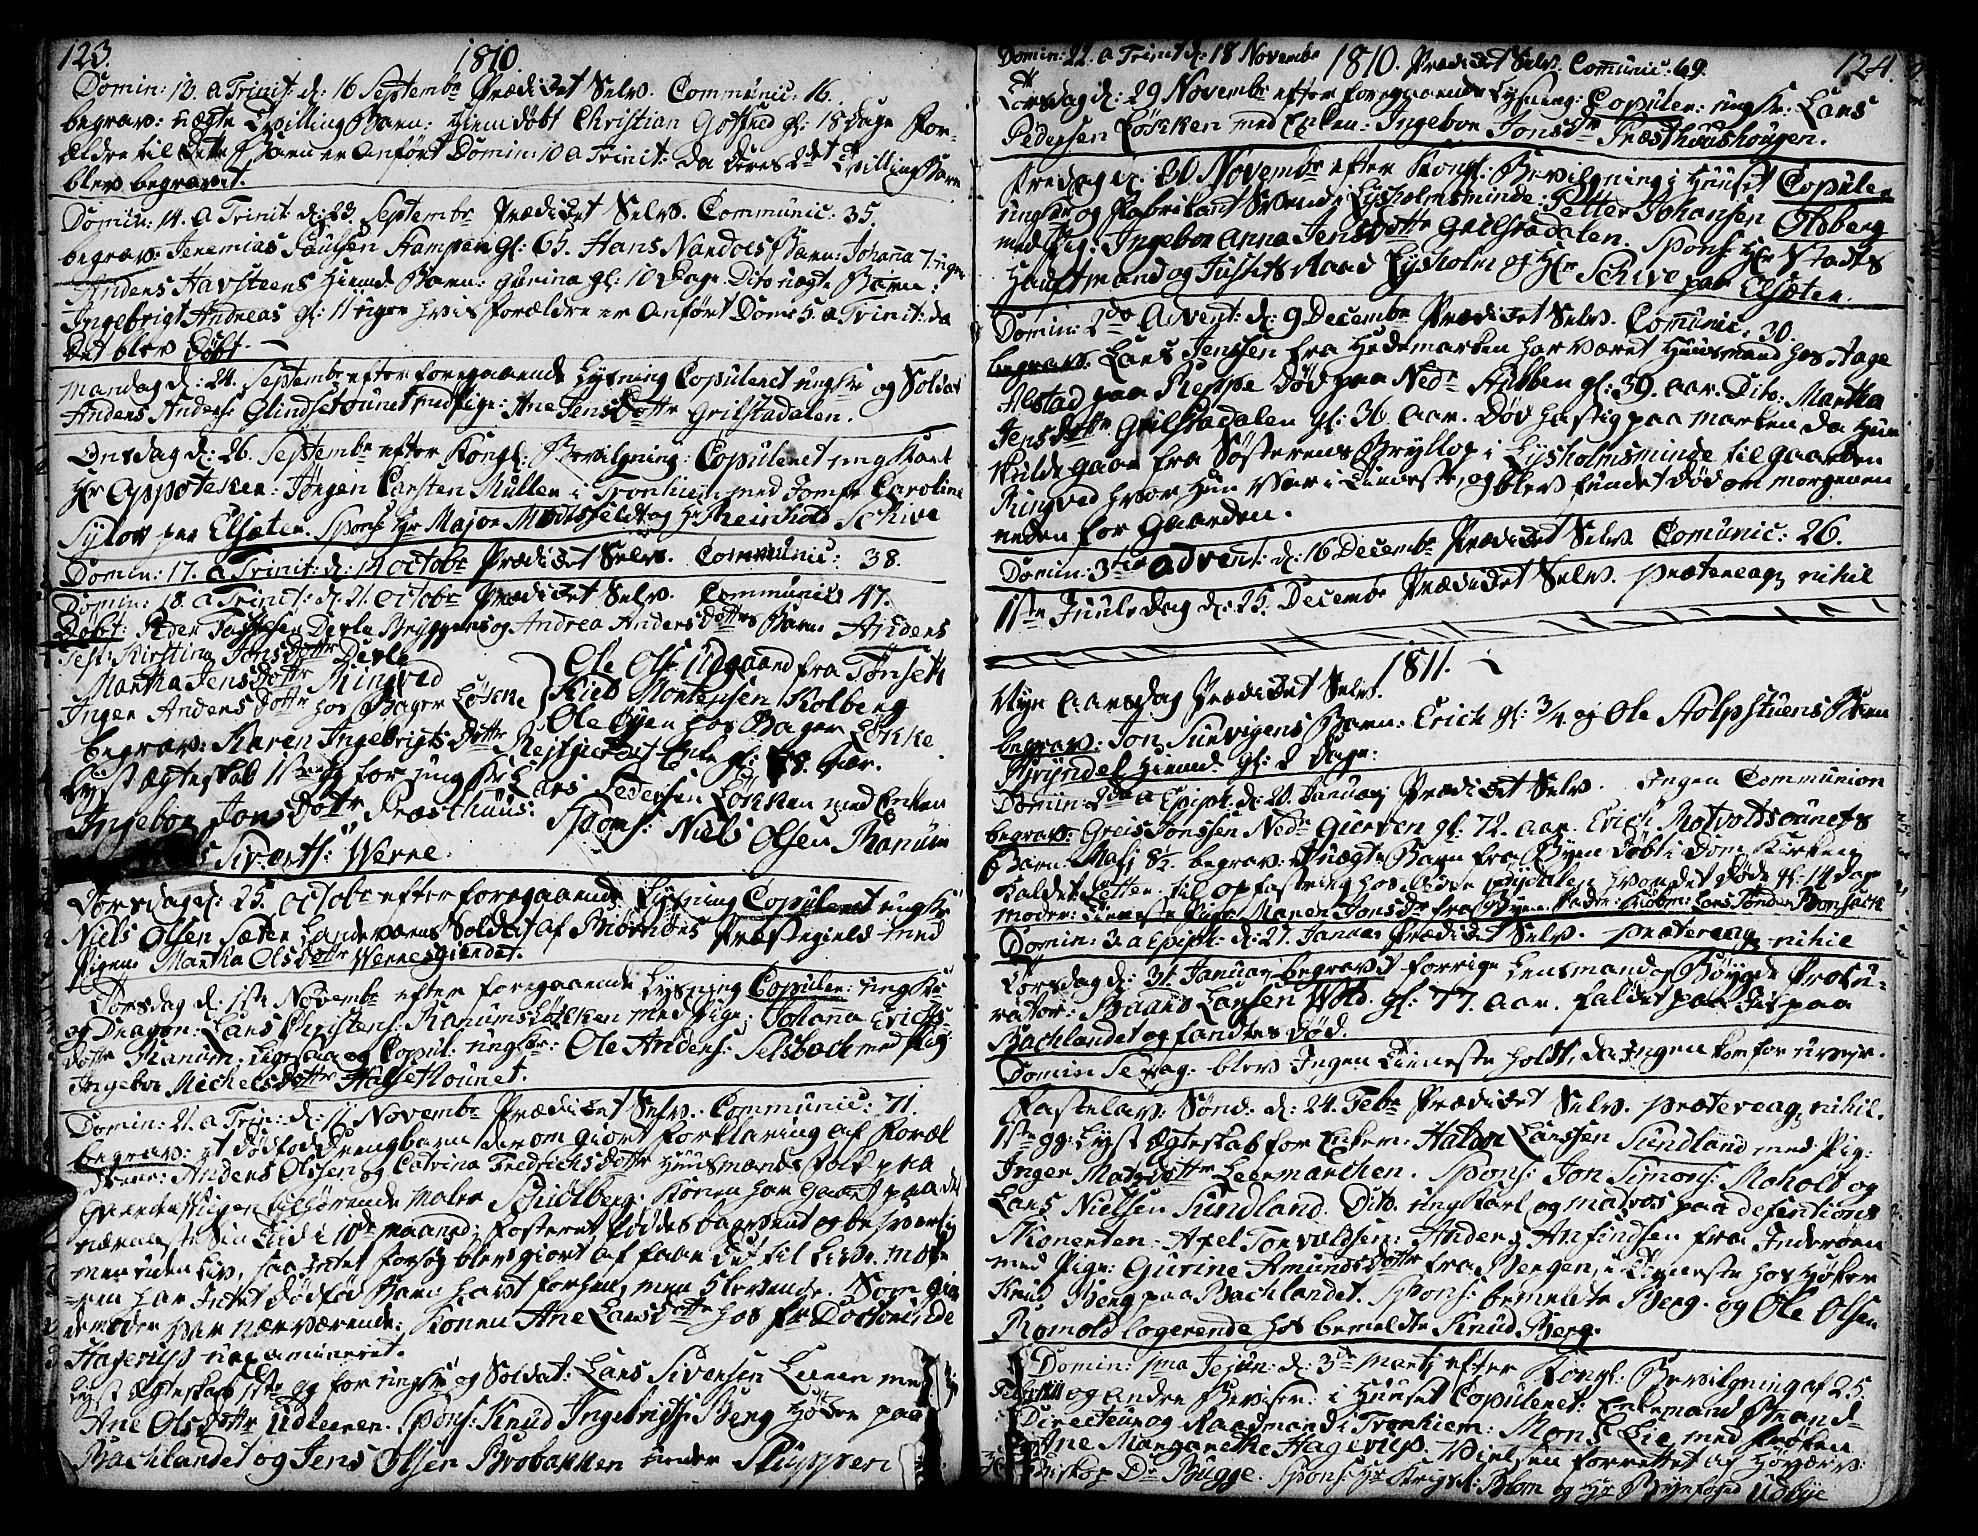 SAT, Ministerialprotokoller, klokkerbøker og fødselsregistre - Sør-Trøndelag, 606/L0280: Ministerialbok nr. 606A02 /1, 1781-1817, s. 123-124